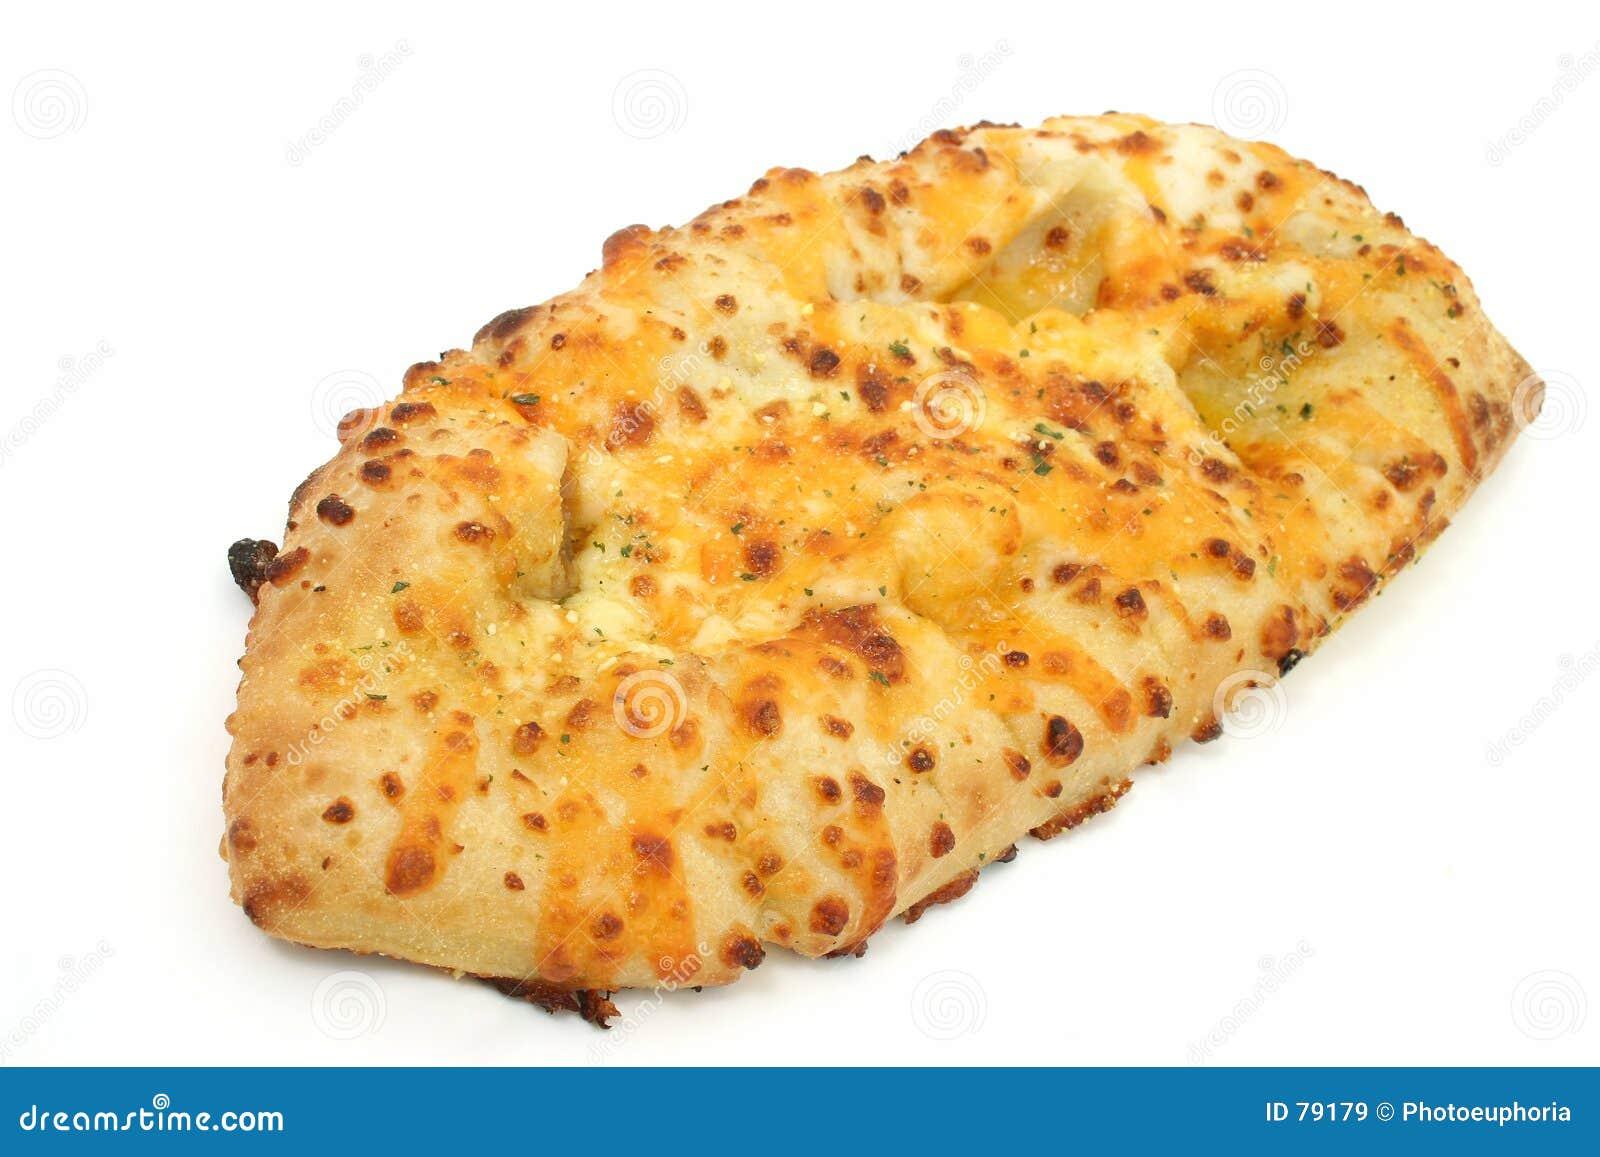 Pan del queso y de ajo